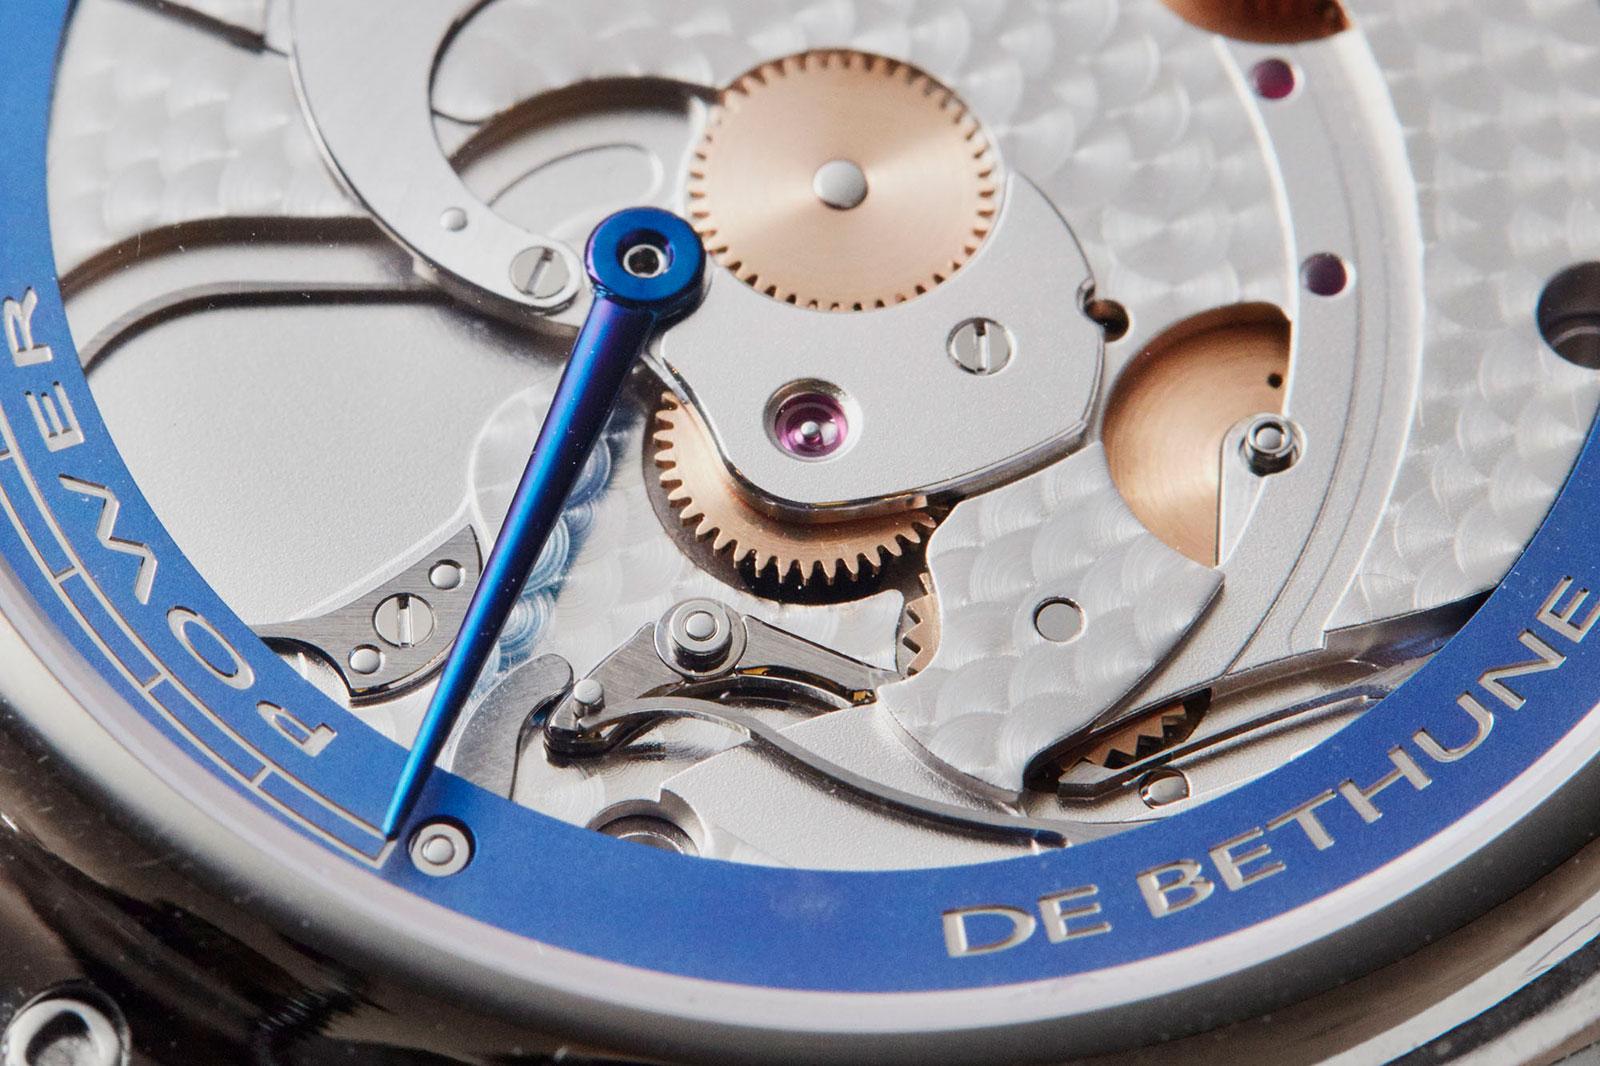 De Bethune DB28 steel wheels watch 7